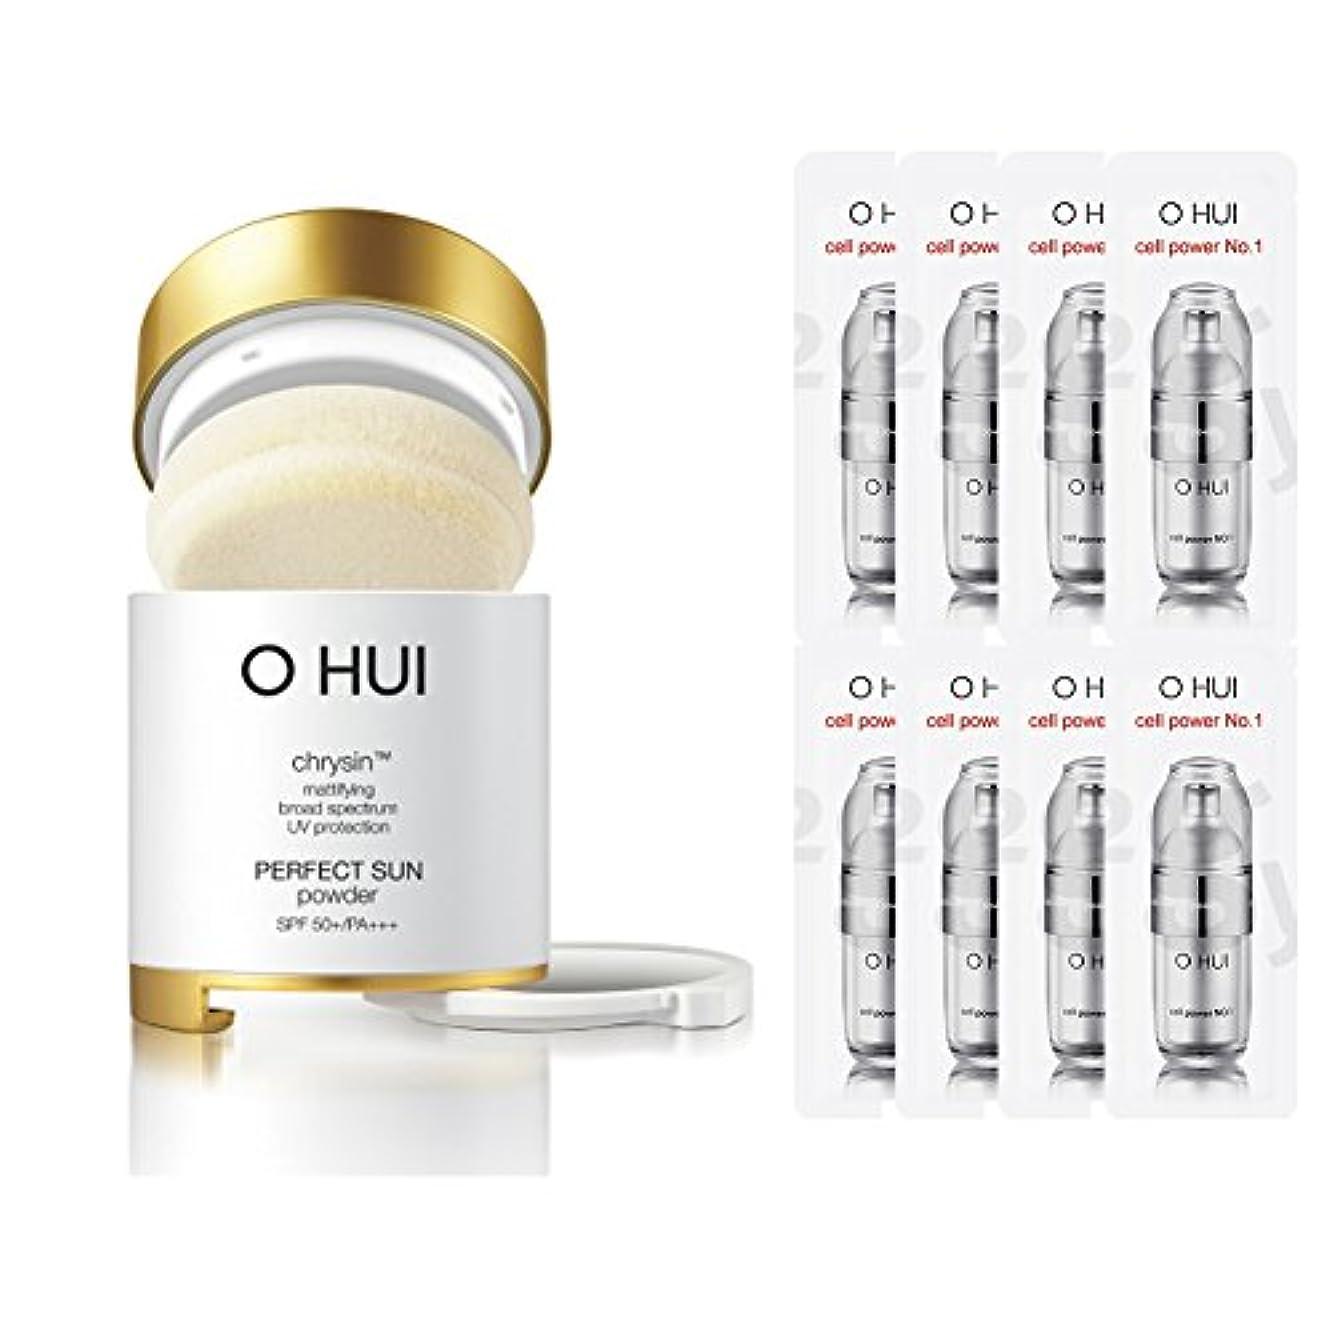 協力豊富アミューズOHUI/オフィ2015年 パーフェクトサンパウダー (OHUI Version Perfect Sun Powder SPF50++PA+++ Special Gift set) スポット [海外直送品] (2号ベージュ)